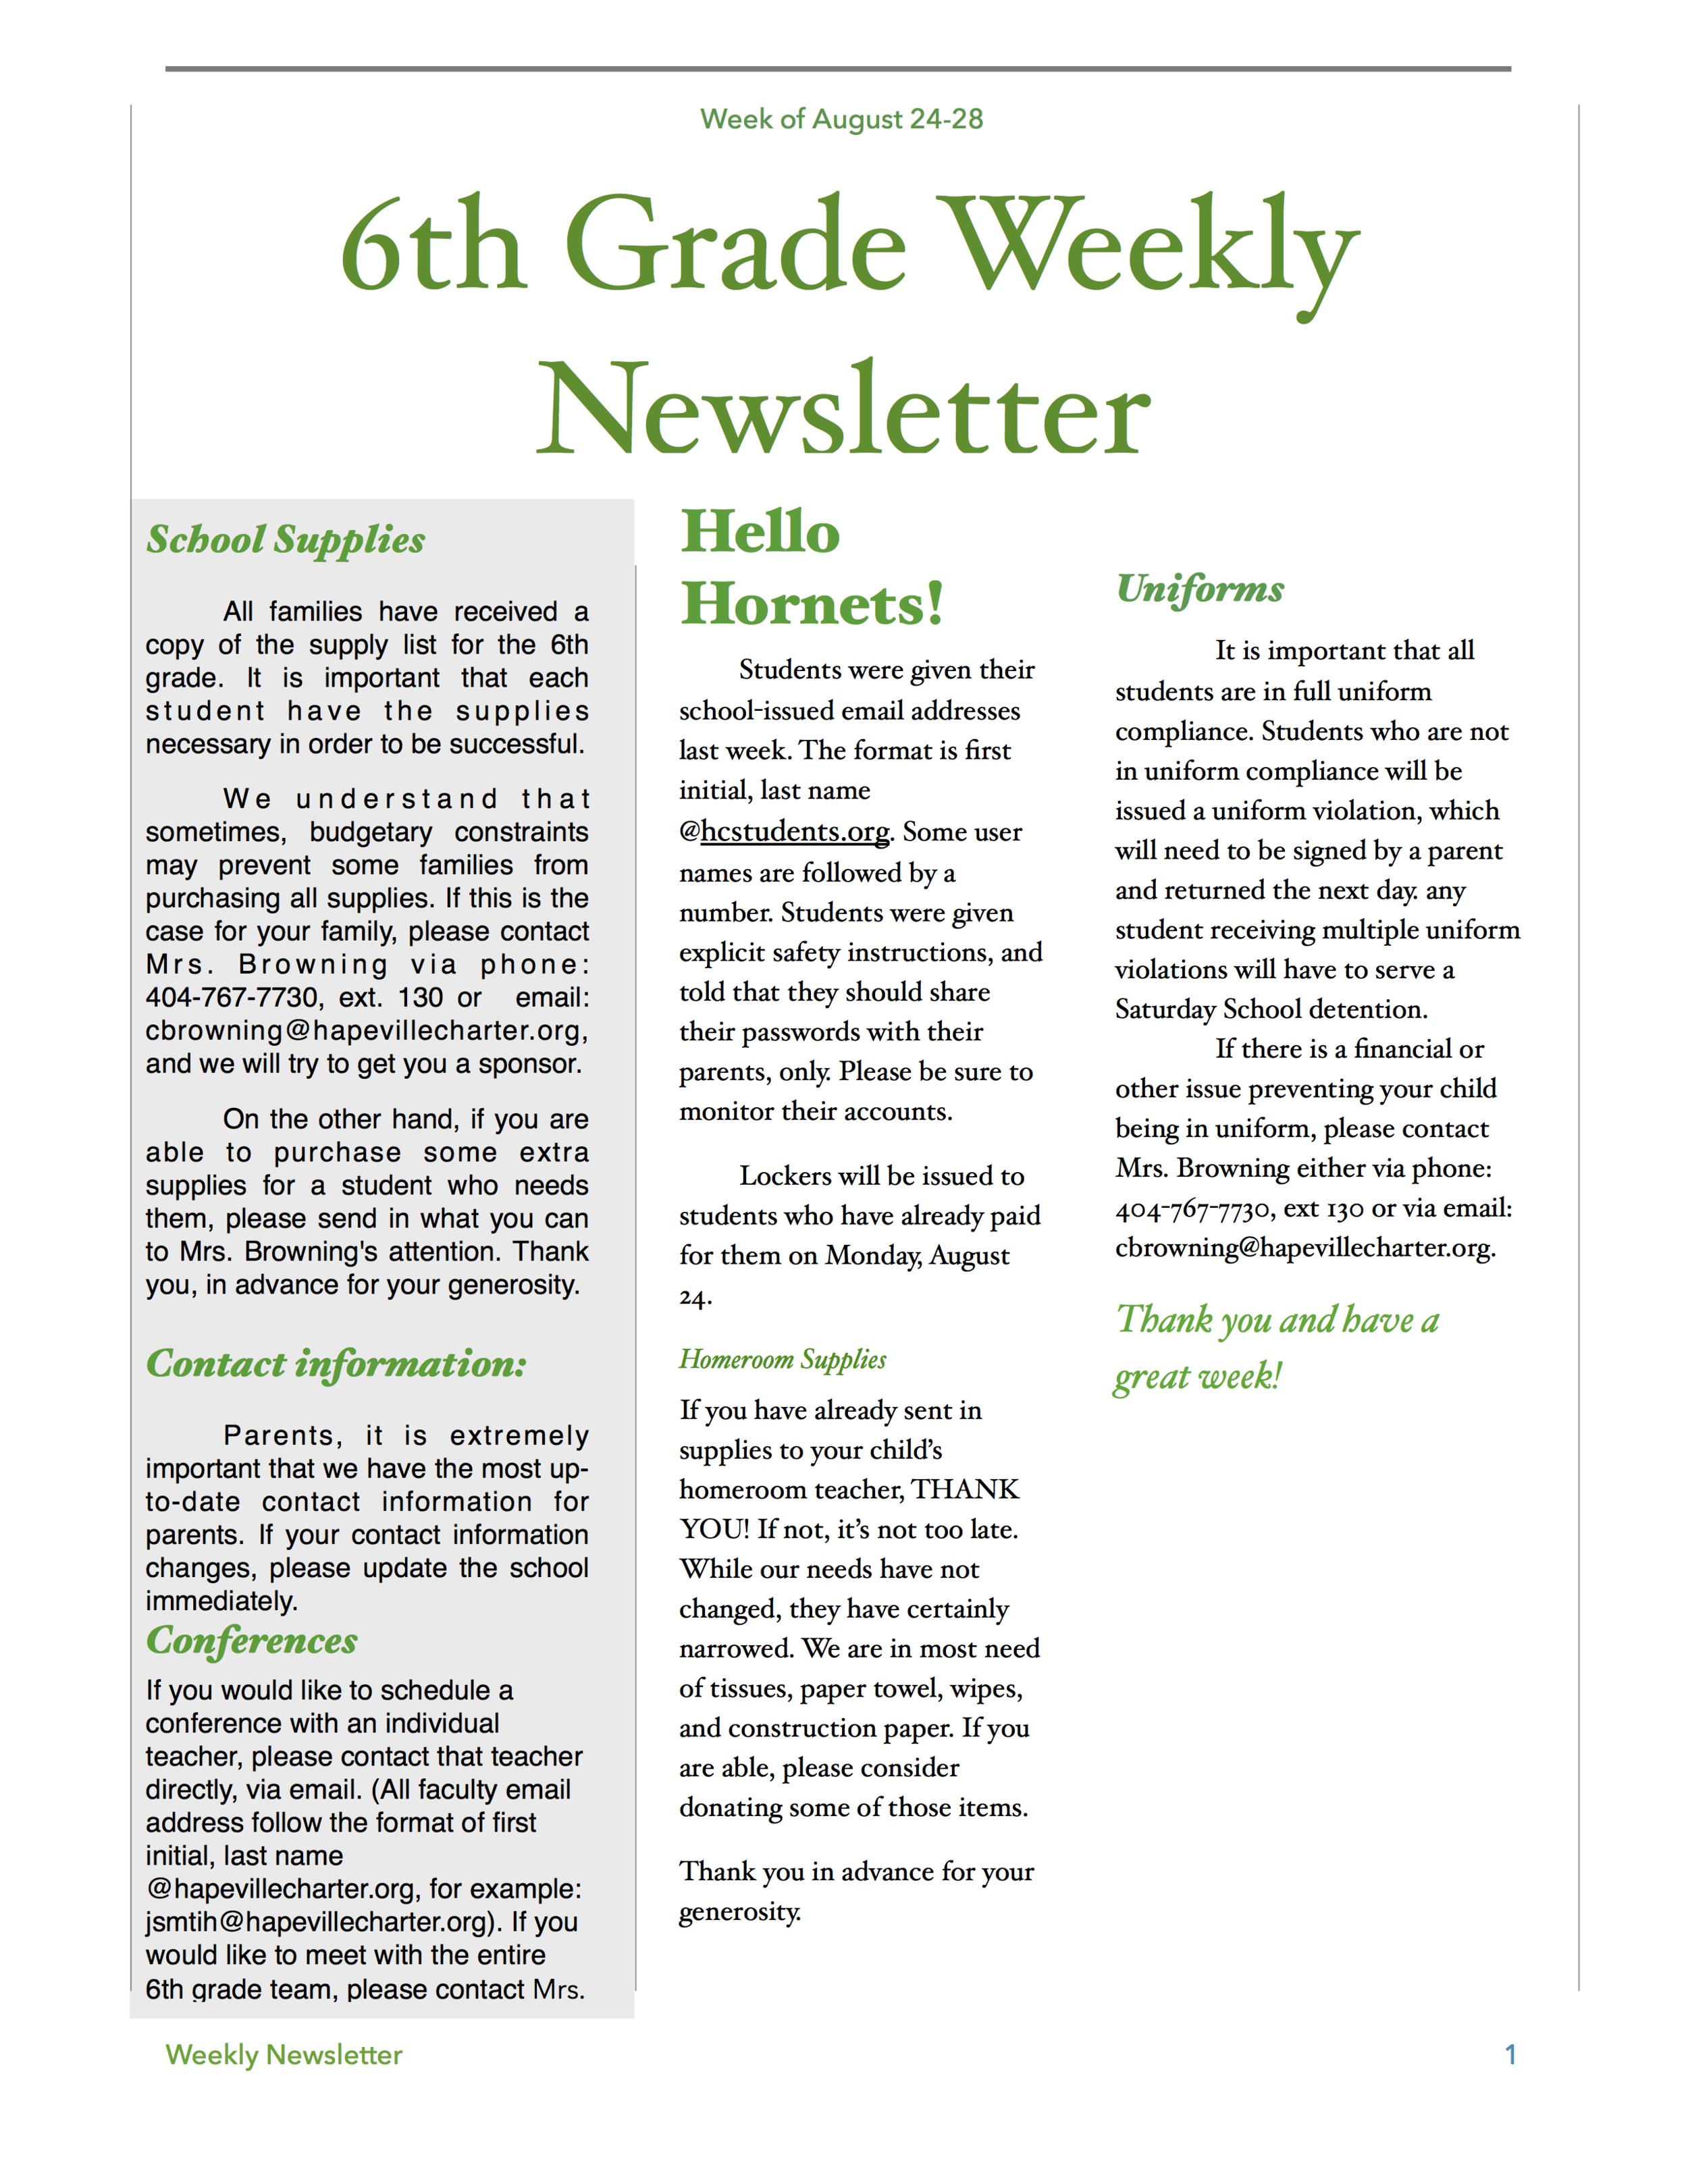 6th grade newsletter